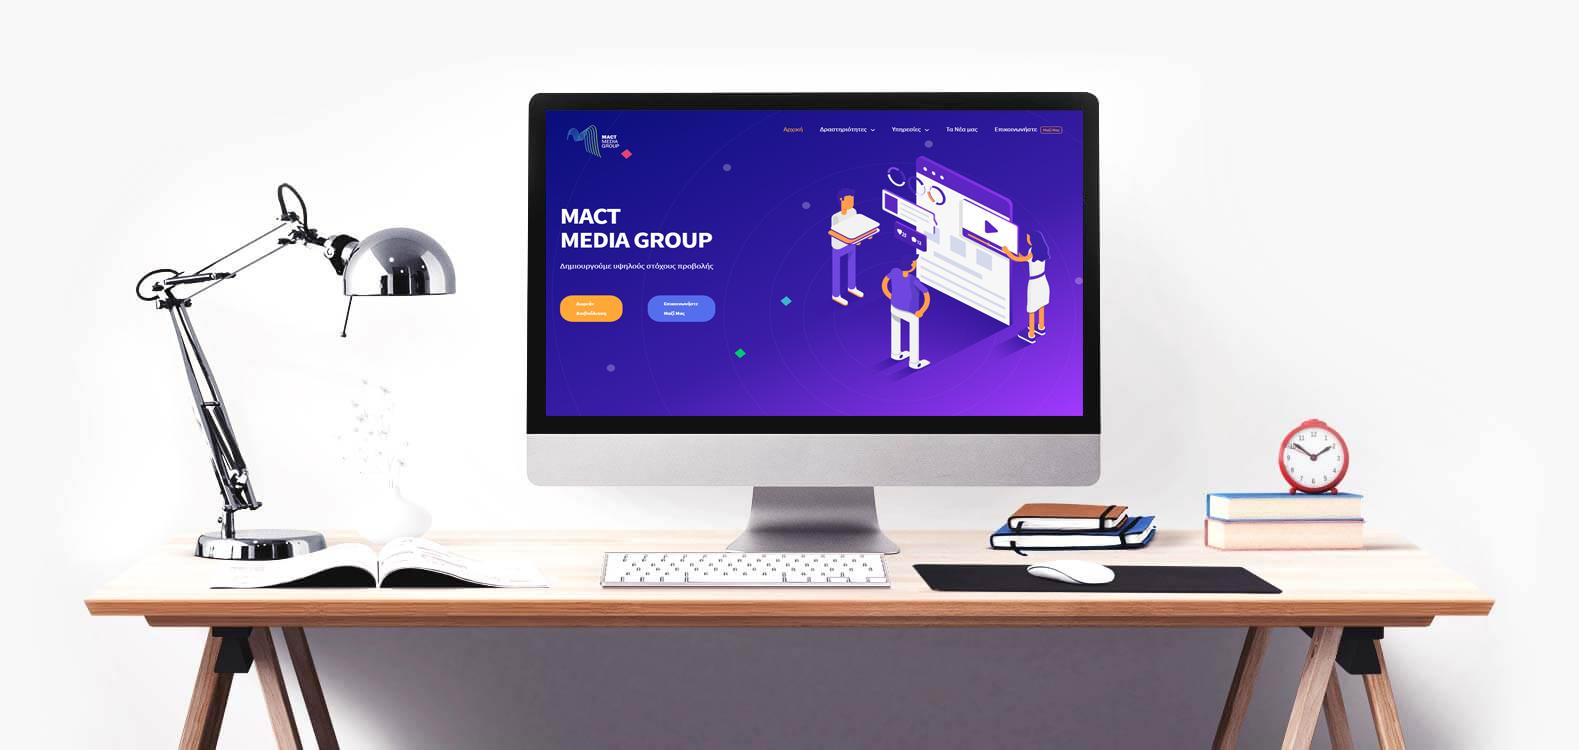 MACT Media Group